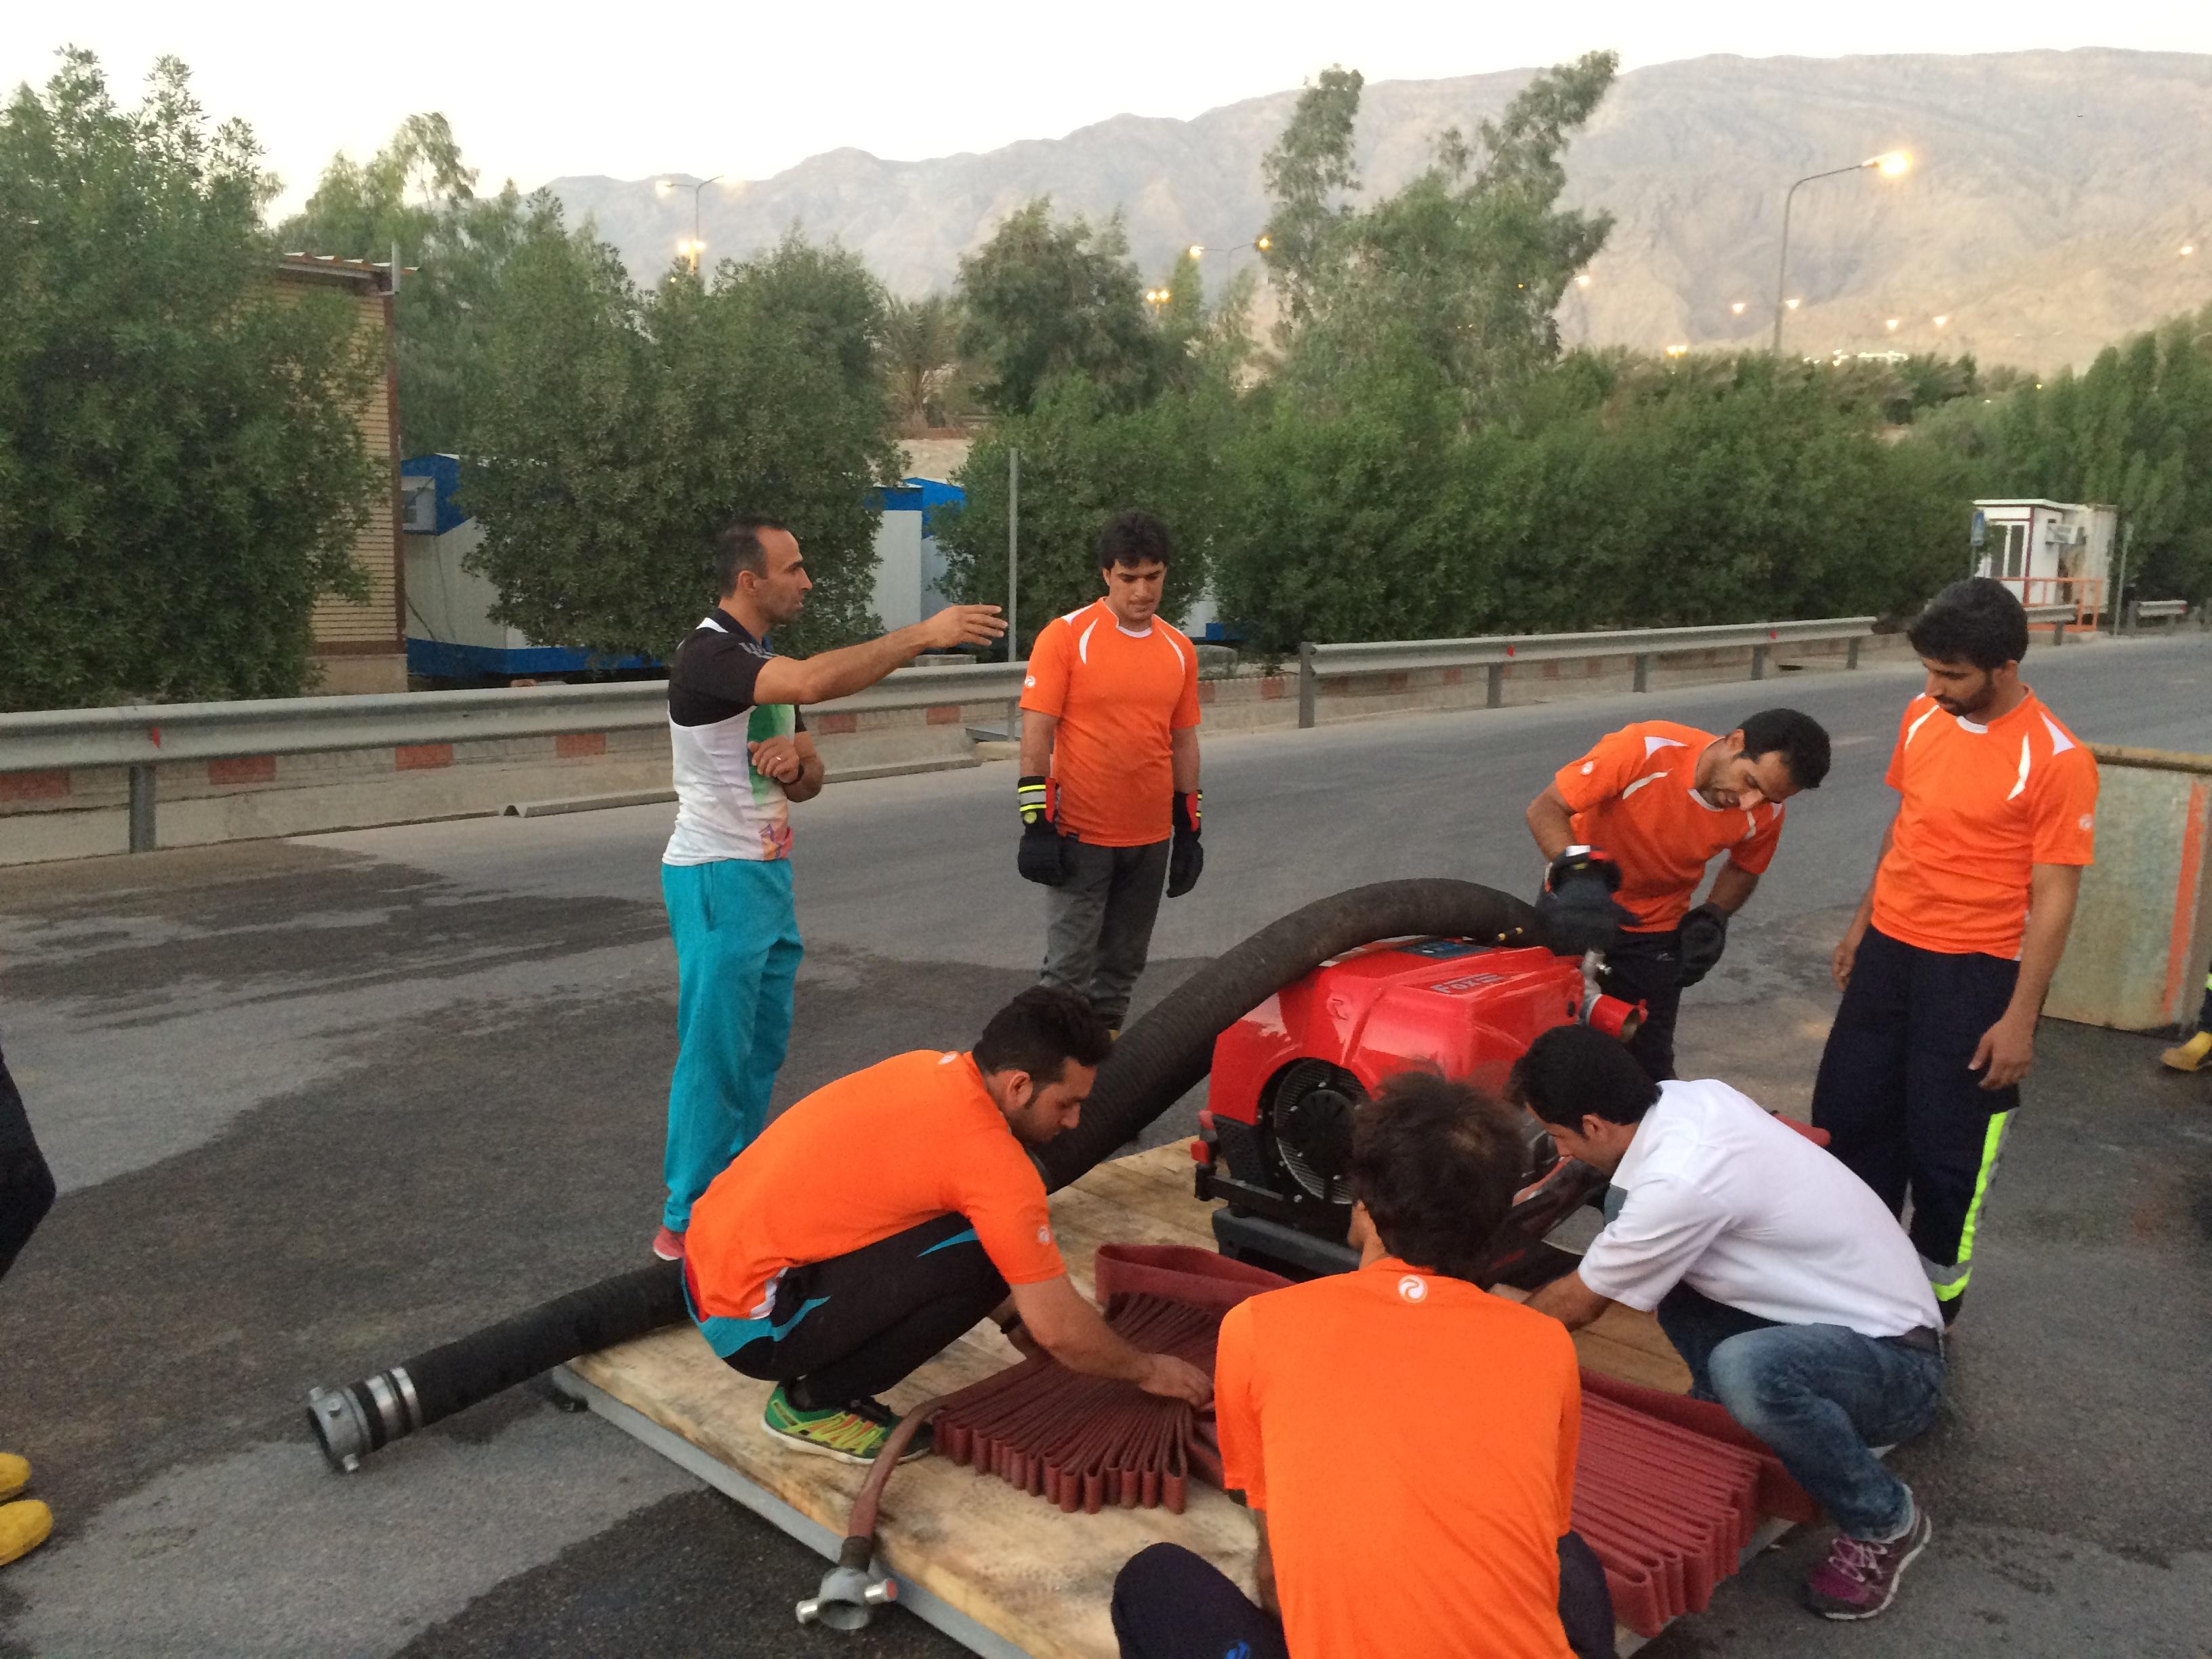 تمرین آبرسانی تیم المپیاد عملیاتی ورزشی آتشنشانی پالایشگاه چهارم گاز پارس جنوبی